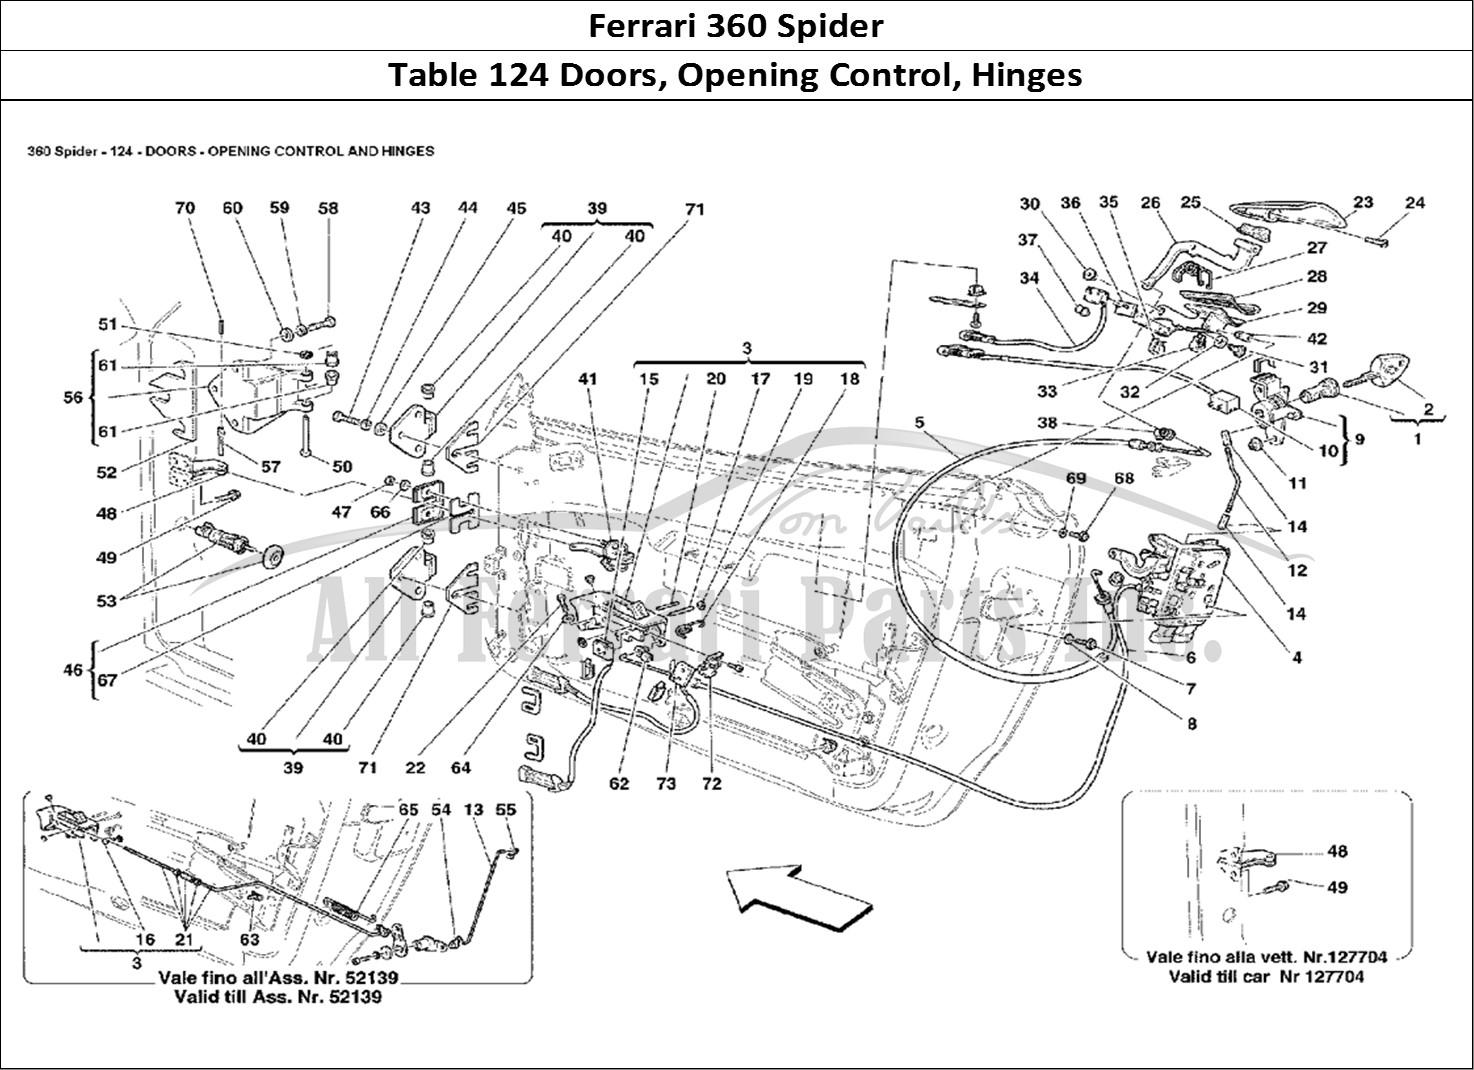 Buy Original Ferrari 360 Spider 124 Doors Opening Control